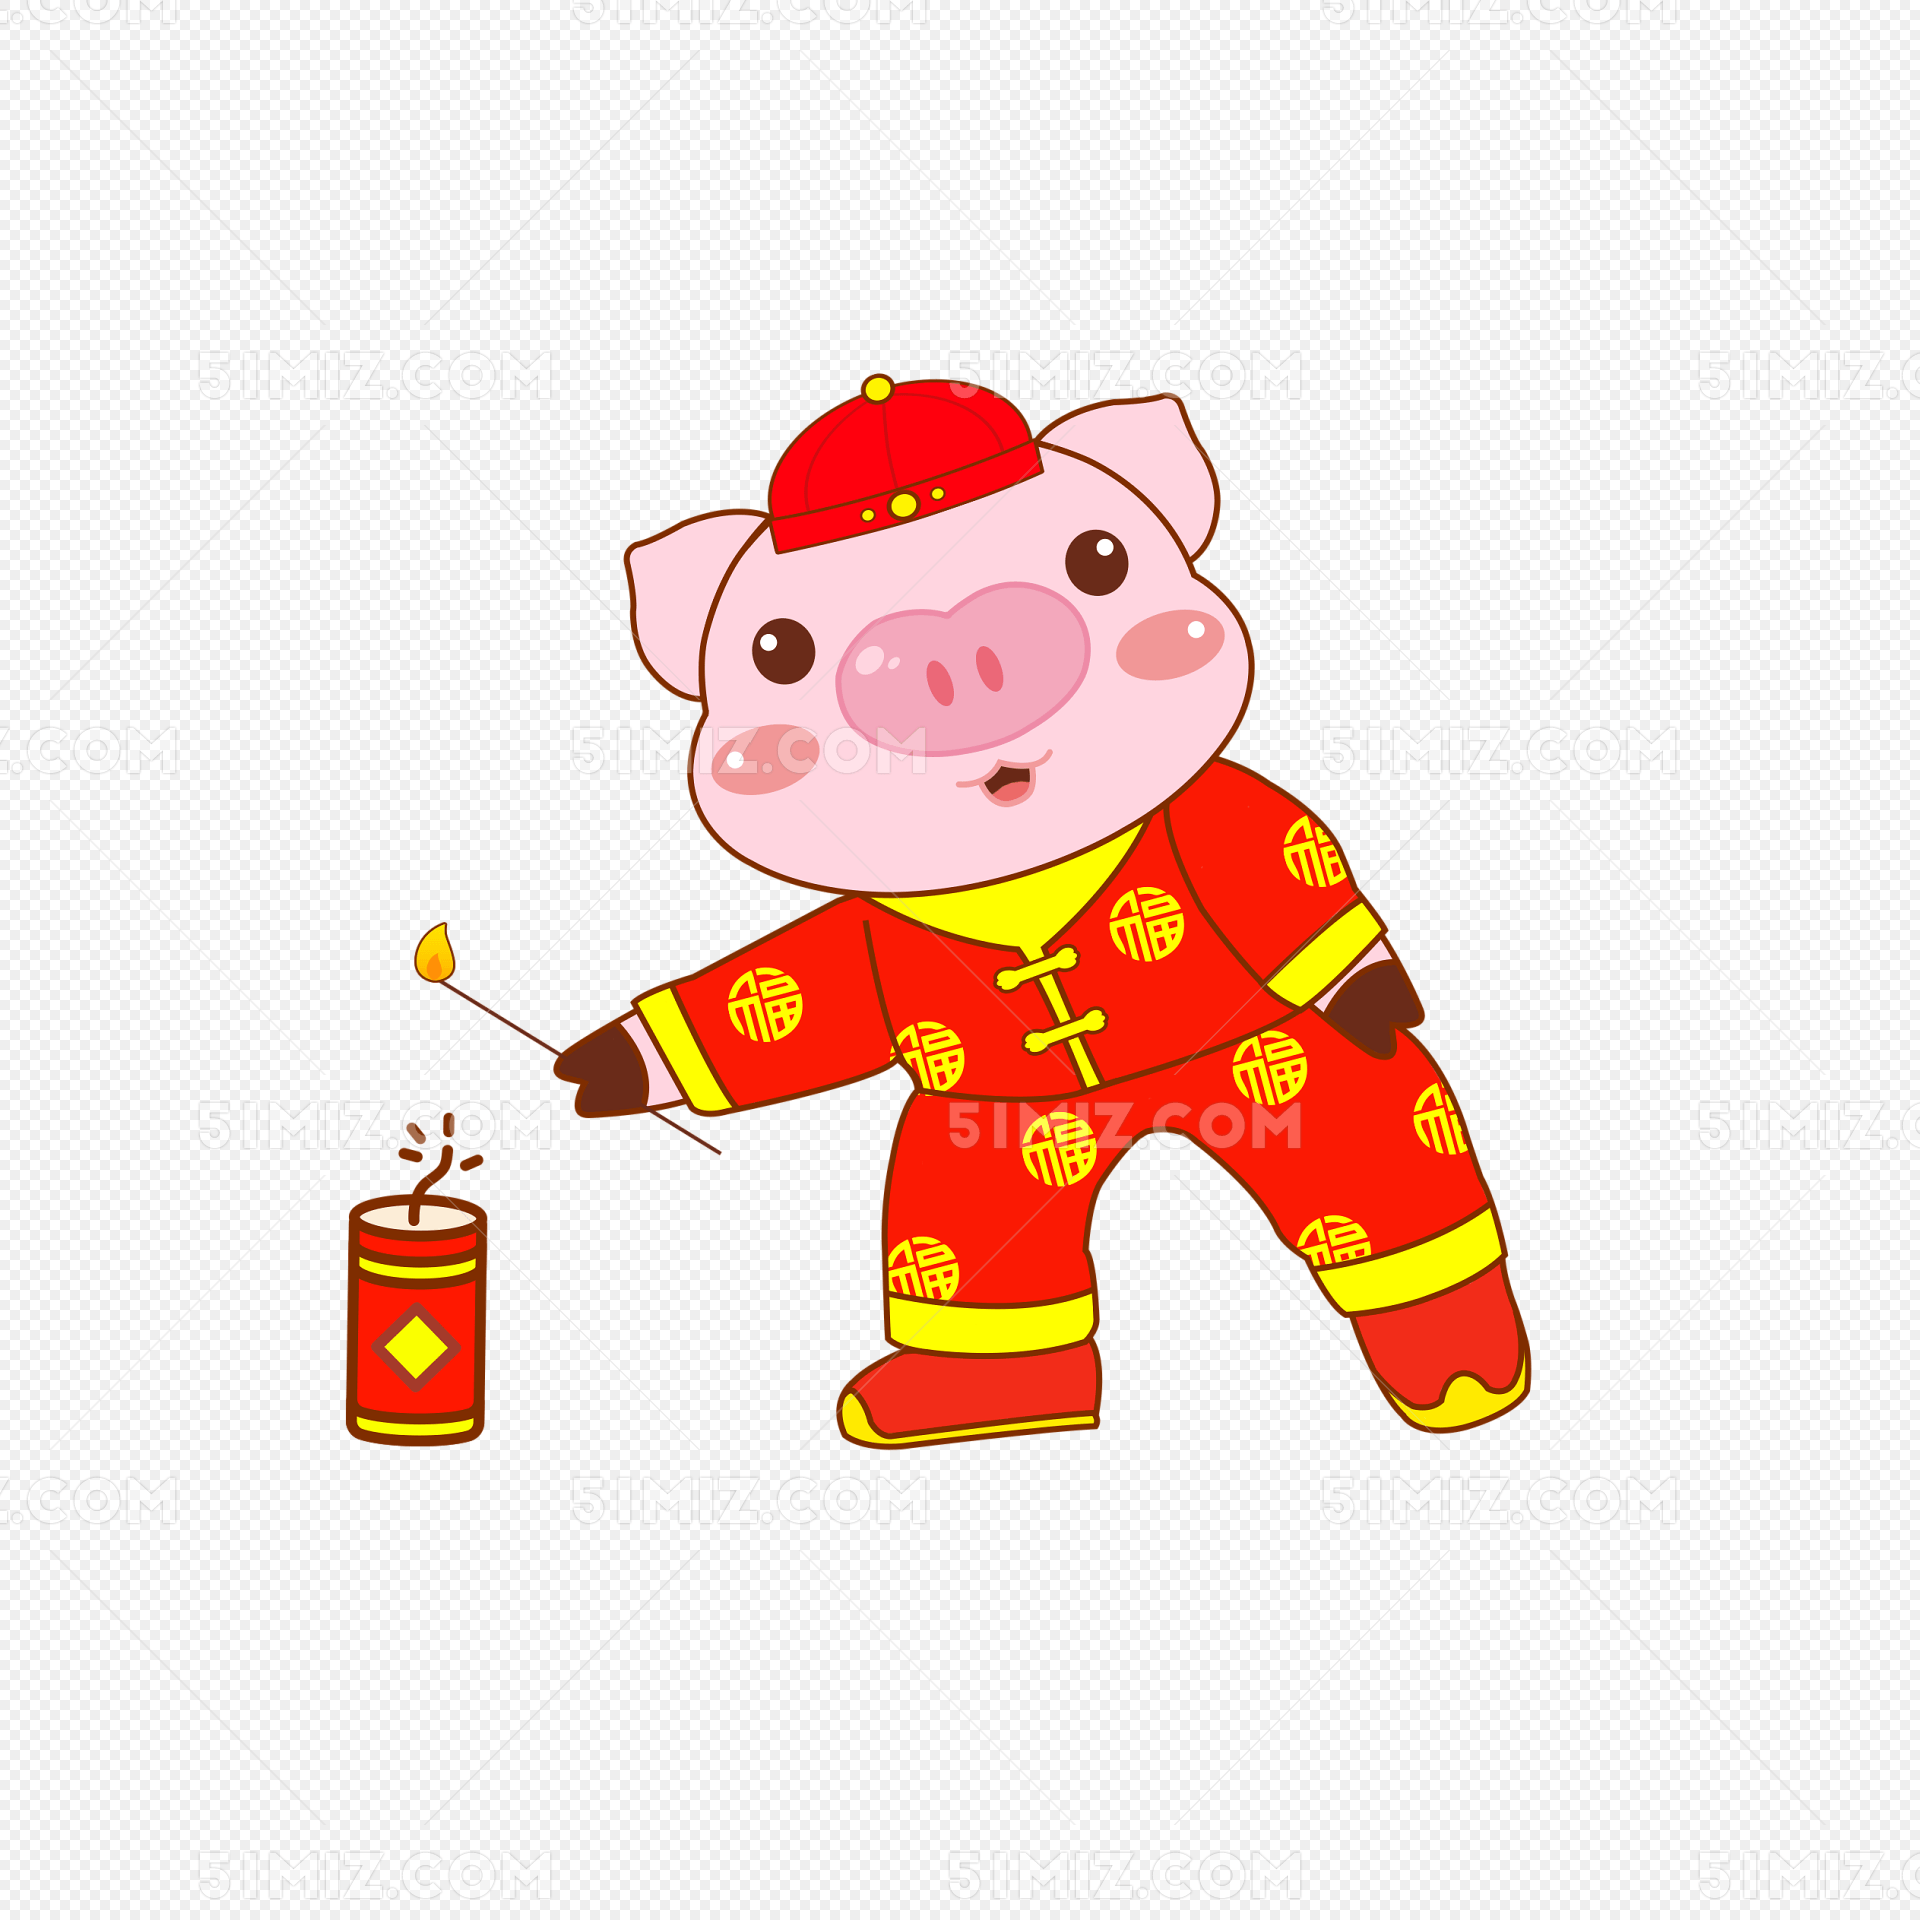 2019手绘卡通放鞭炮猪年形象